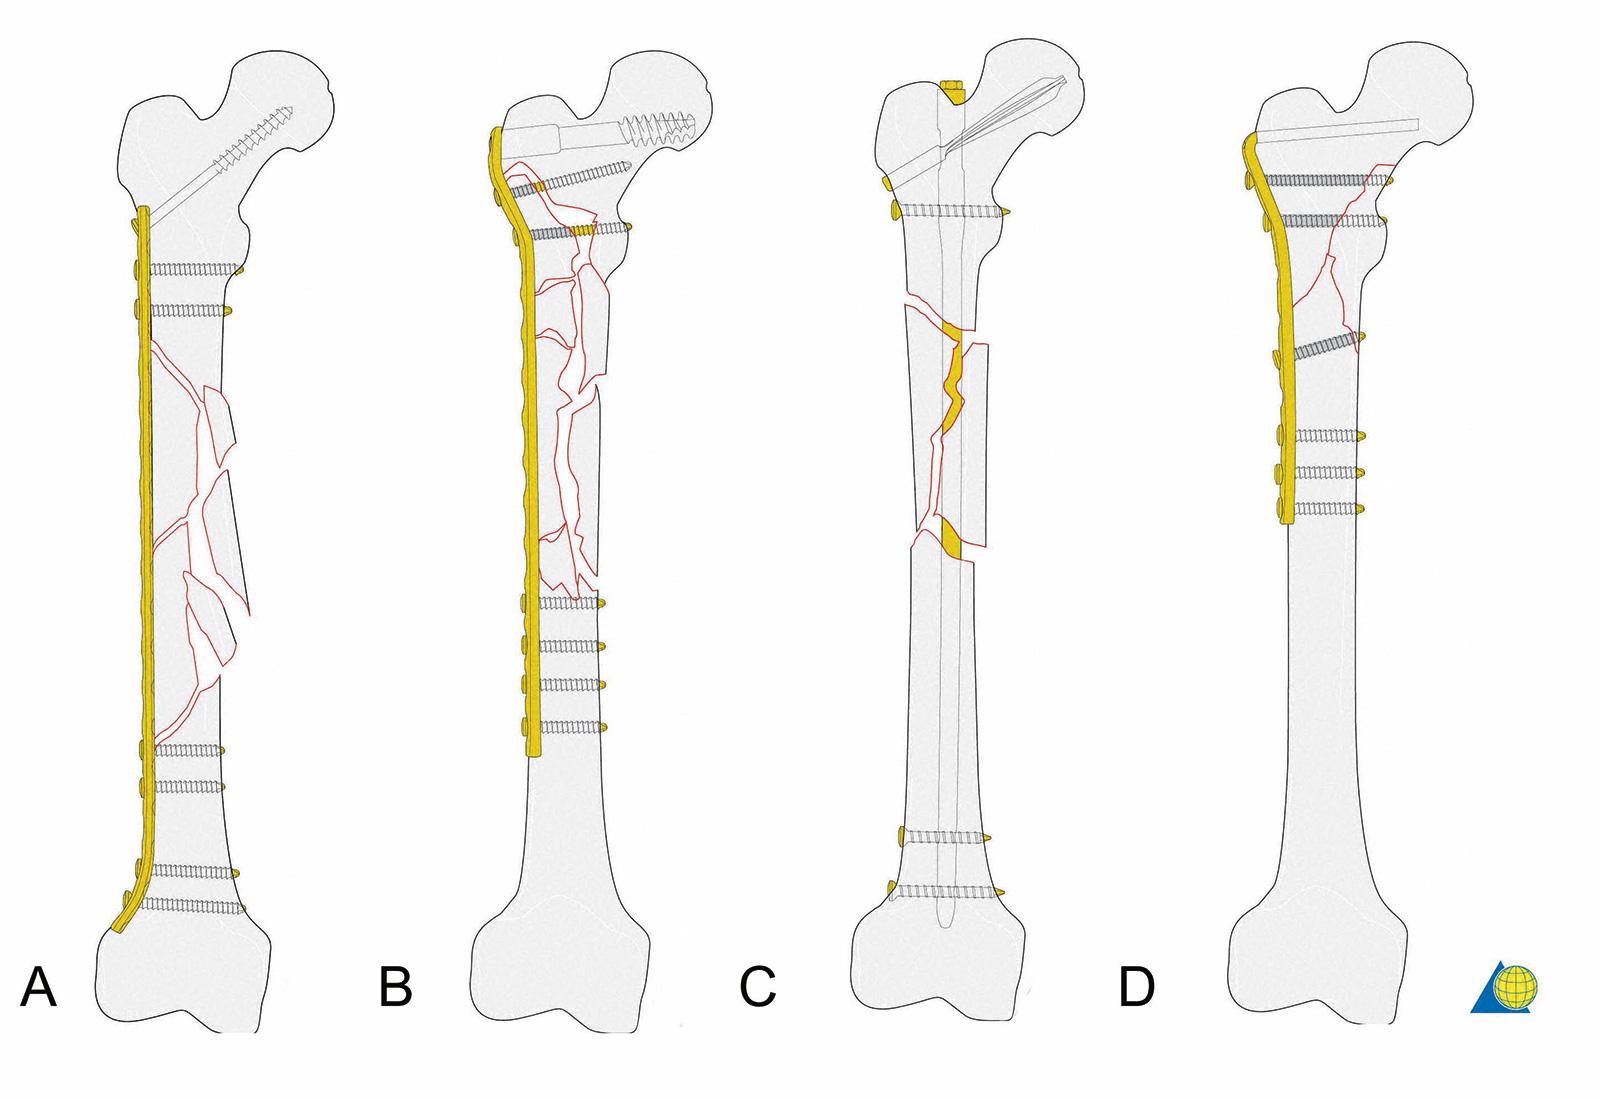 Abb. 3-38: Therapieoptionen für die Stabilisierung subtrochantärer und diaphysärer Frakturen: Plattenostheosynthese (A), dynamische Kondylenschraube (DCS) (B), Femurnagel (UFN) oder langer Gammanagel (C), Winkelplatte (D) (mit freundlicher Genehmigung von